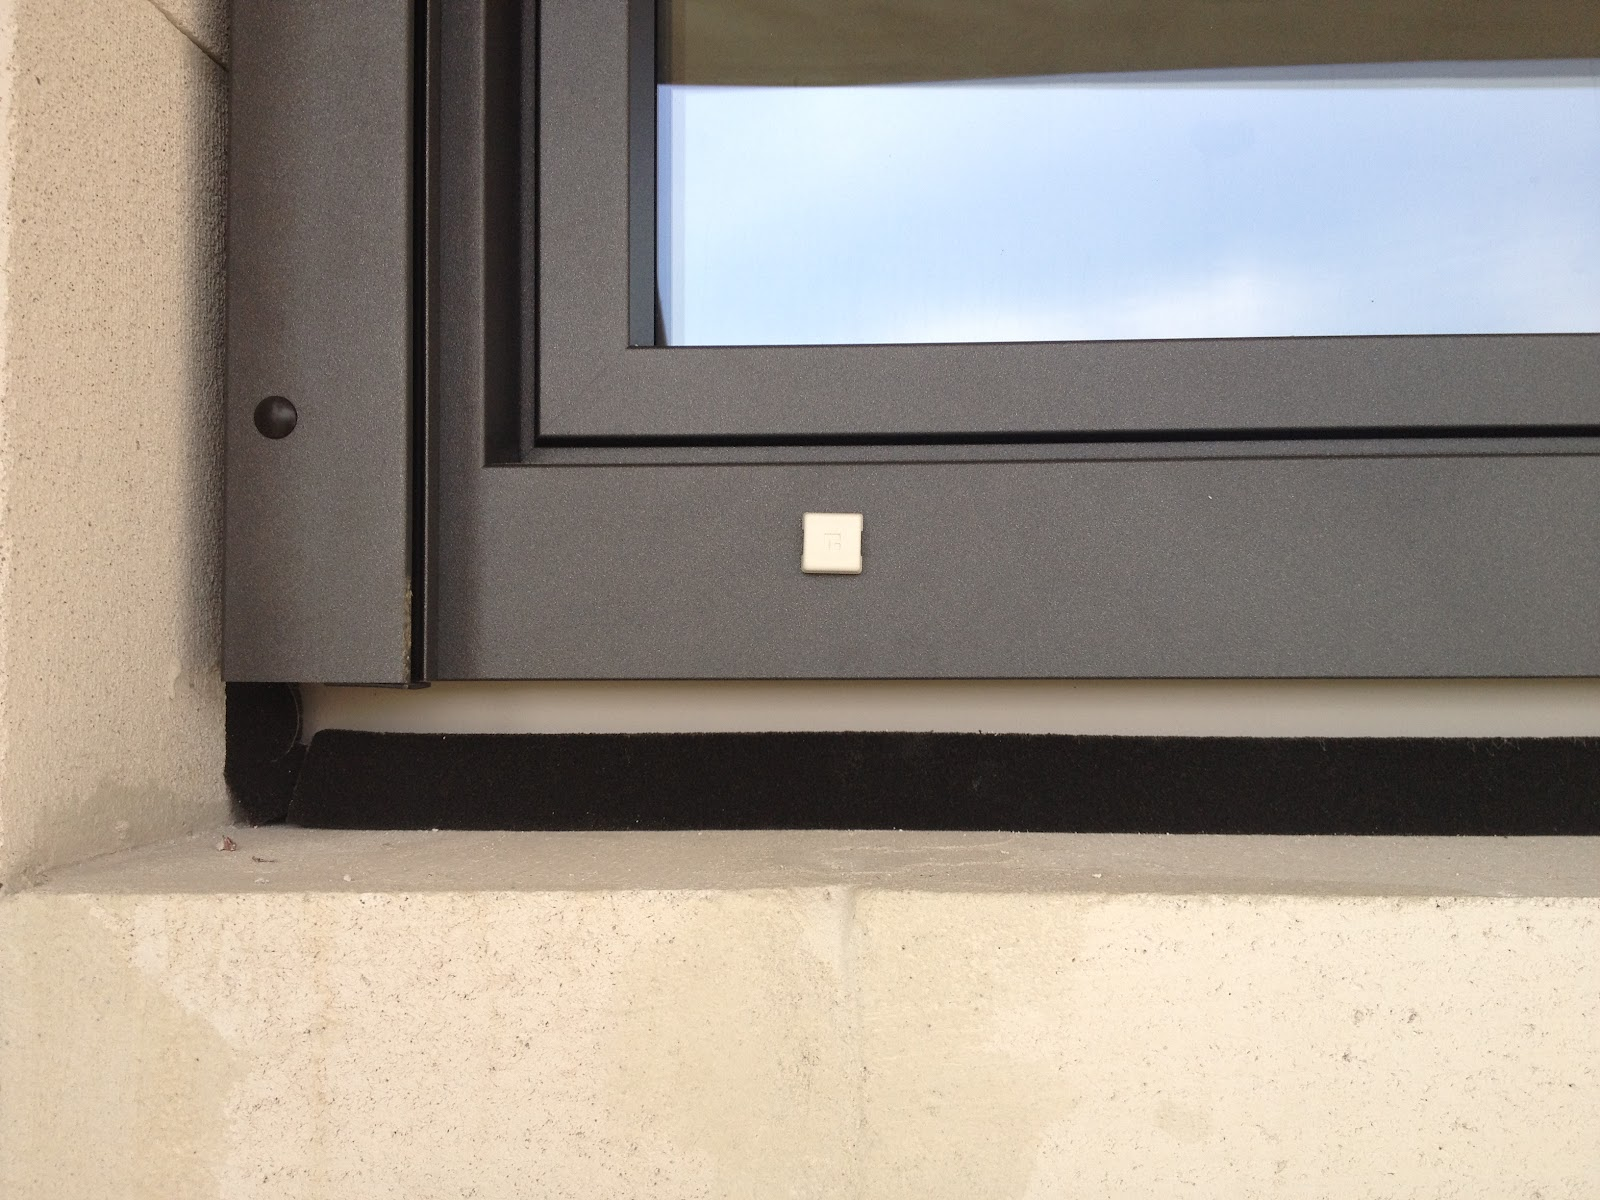 Sicher ins eigenheim wir bauen ein haus - Fenster einbauen anleitung kompriband ...